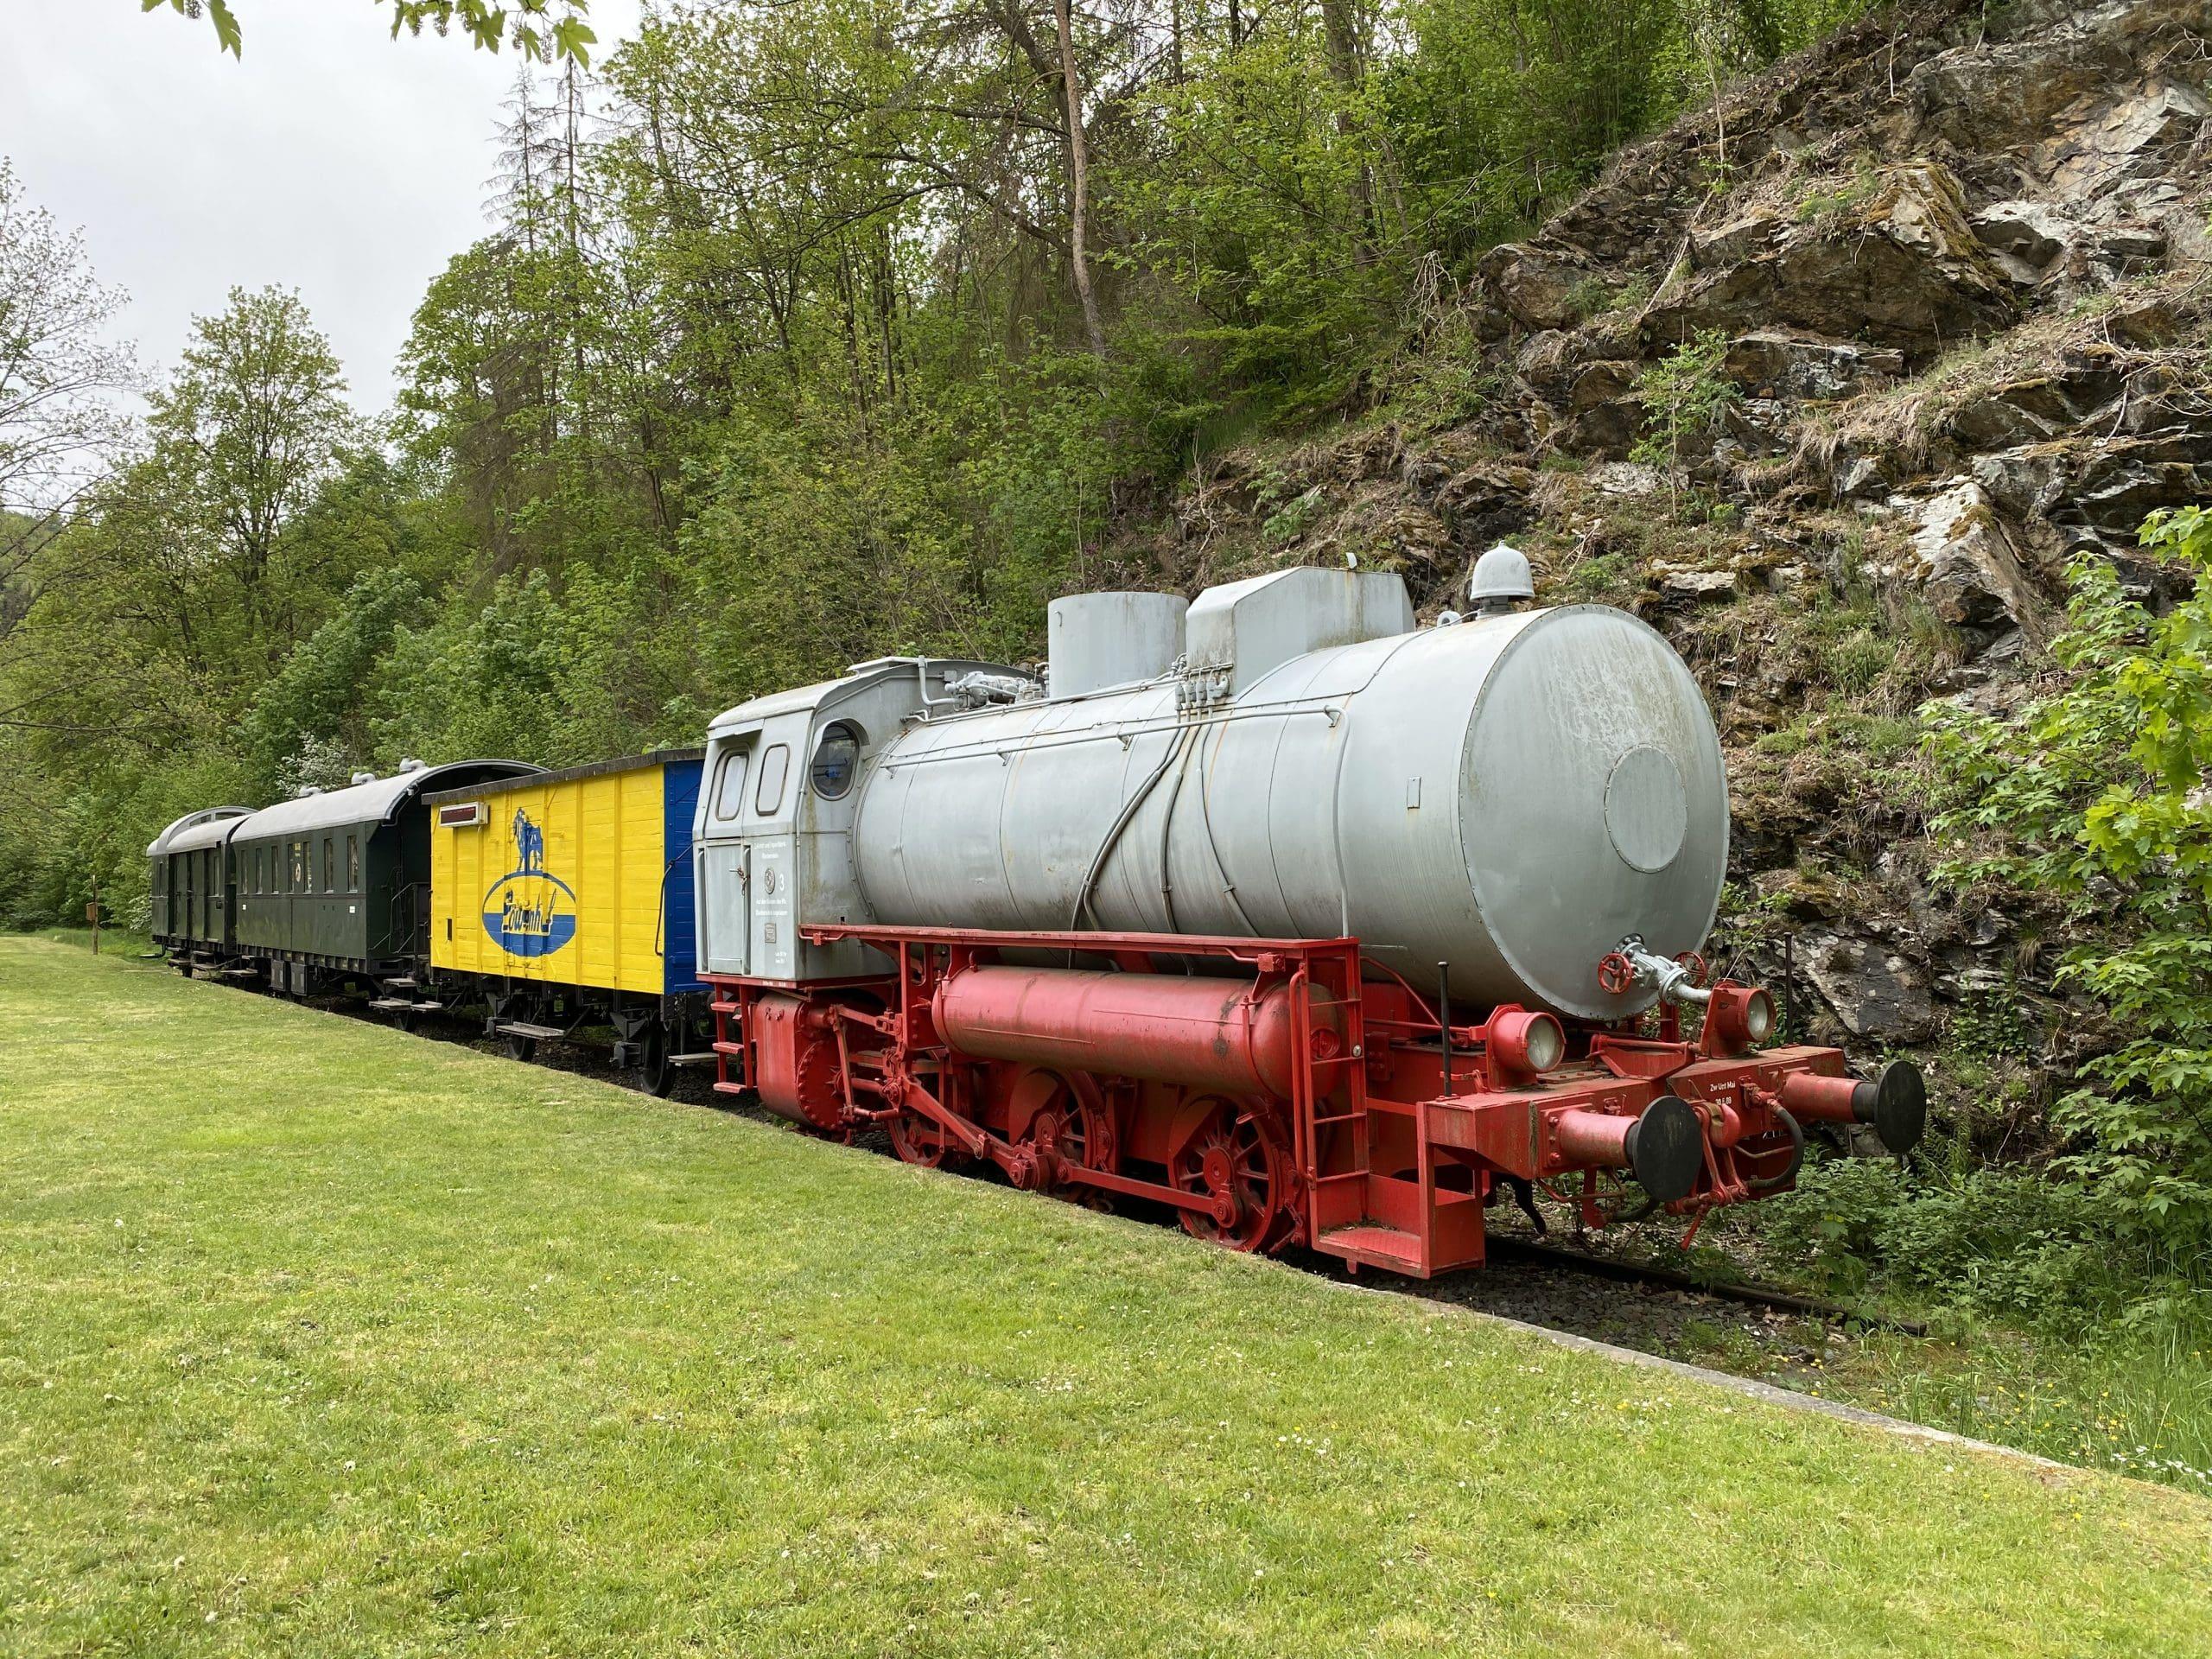 ©Foto: Jan Krehl   railmen   Diese 1969 in Babelsberg gebaute Dampfspeicherlokomotive steht vor dem Bahnhof Lichtenberg, dem heutigen Informationszentrum zum Naturpark Frankenwald, welcher im Höllental liegt.